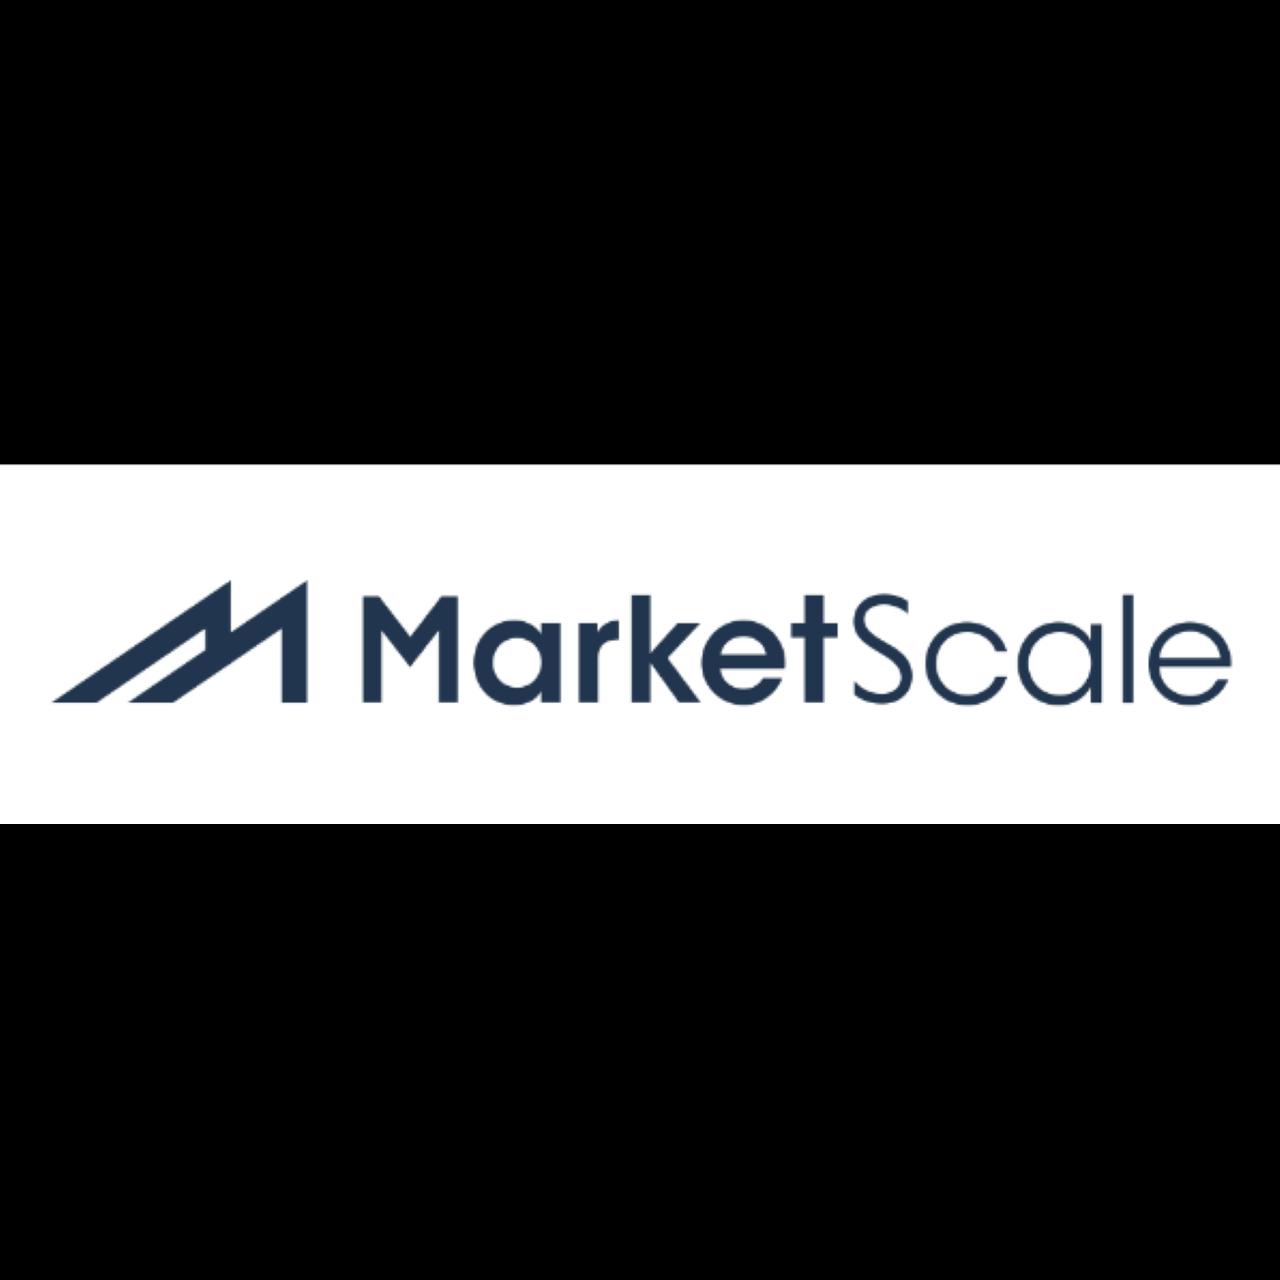 marketscale_logo3.png